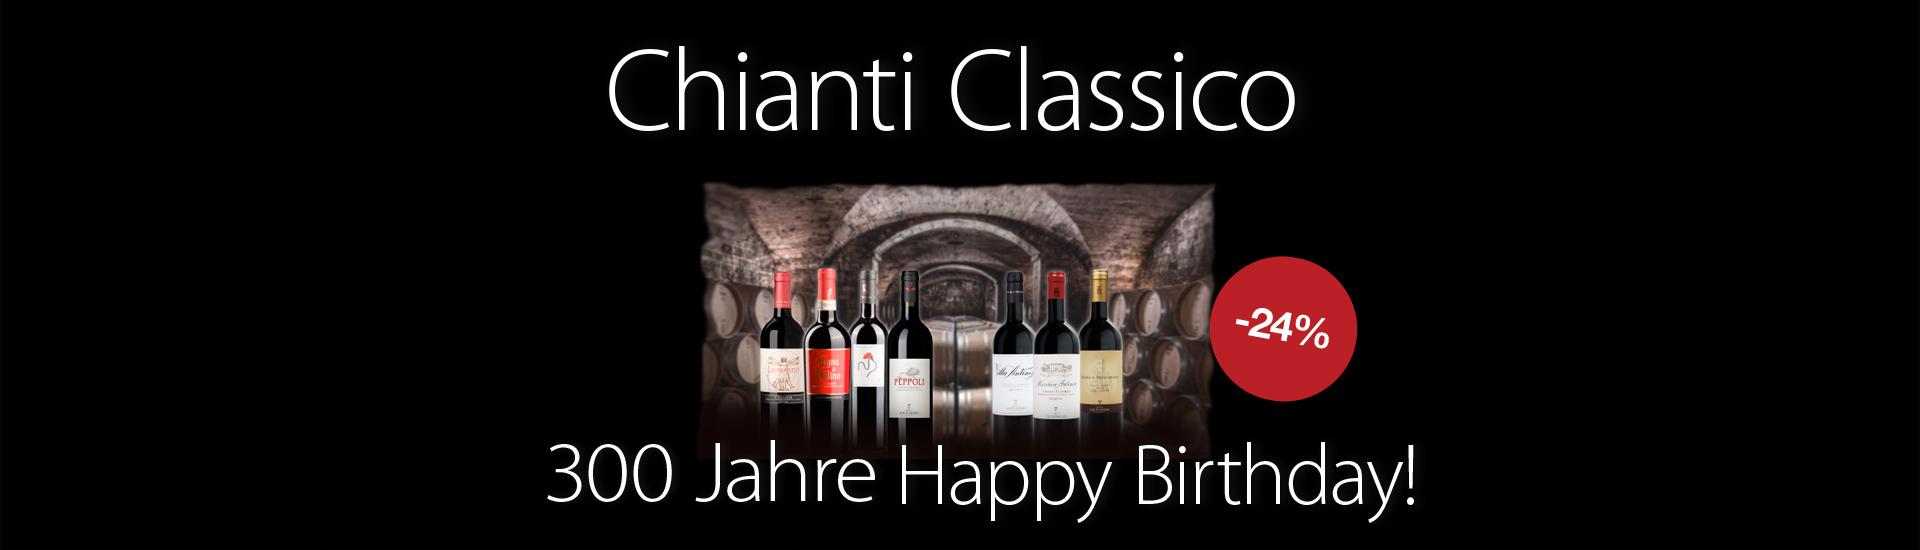 Weine - 300 Jahre Chianti Classico! 09/2016 - Slider